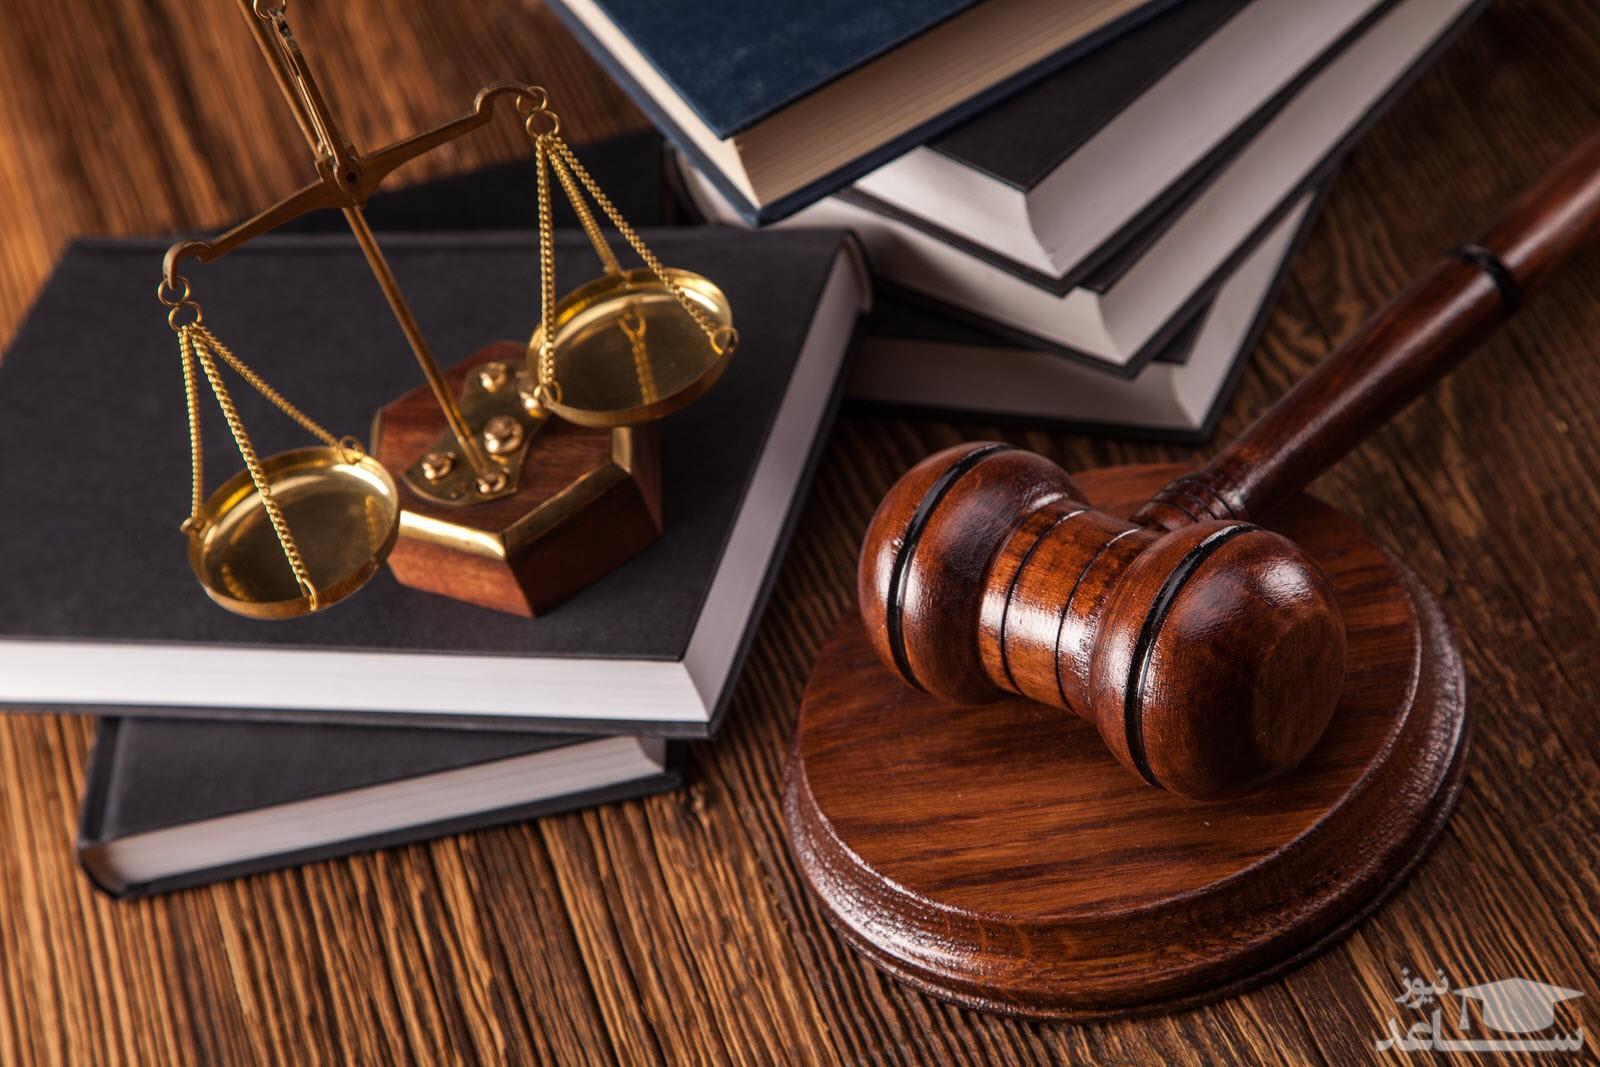 تغییر منبع برای رشته حقوق آزمون های ارشد و دکتری سال ۹۹ اعلام شد